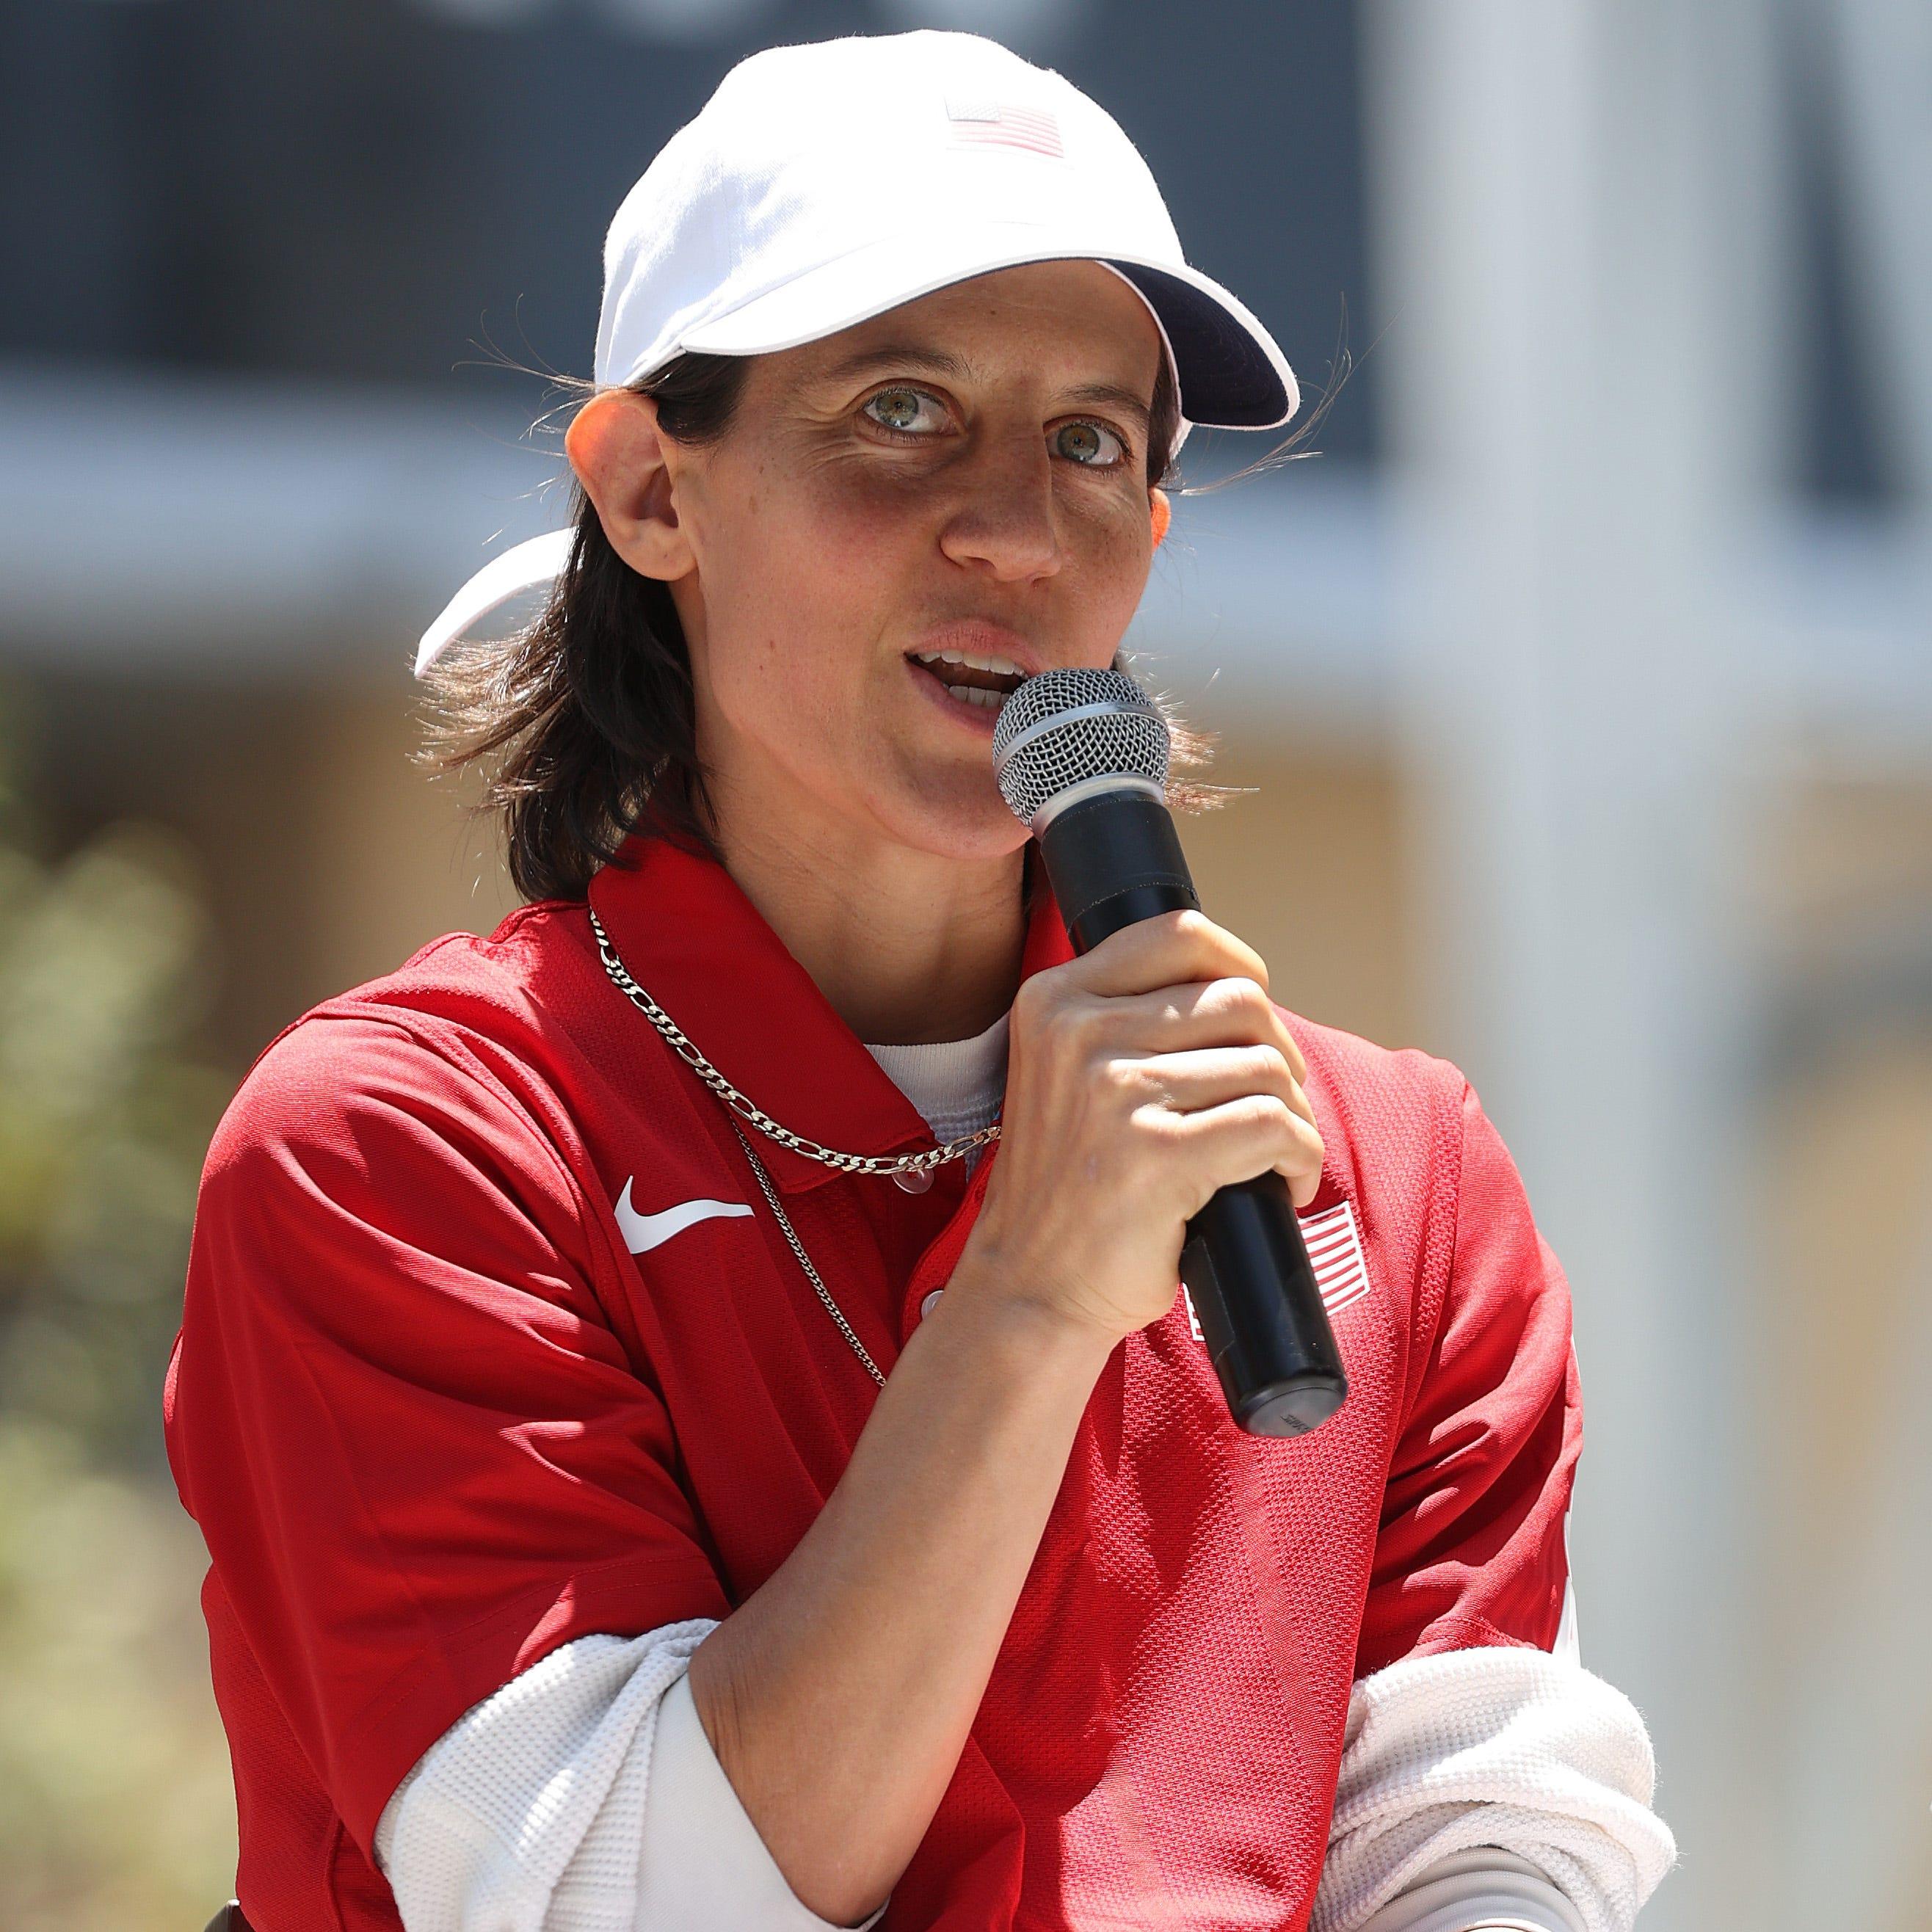 Alexis Sablone